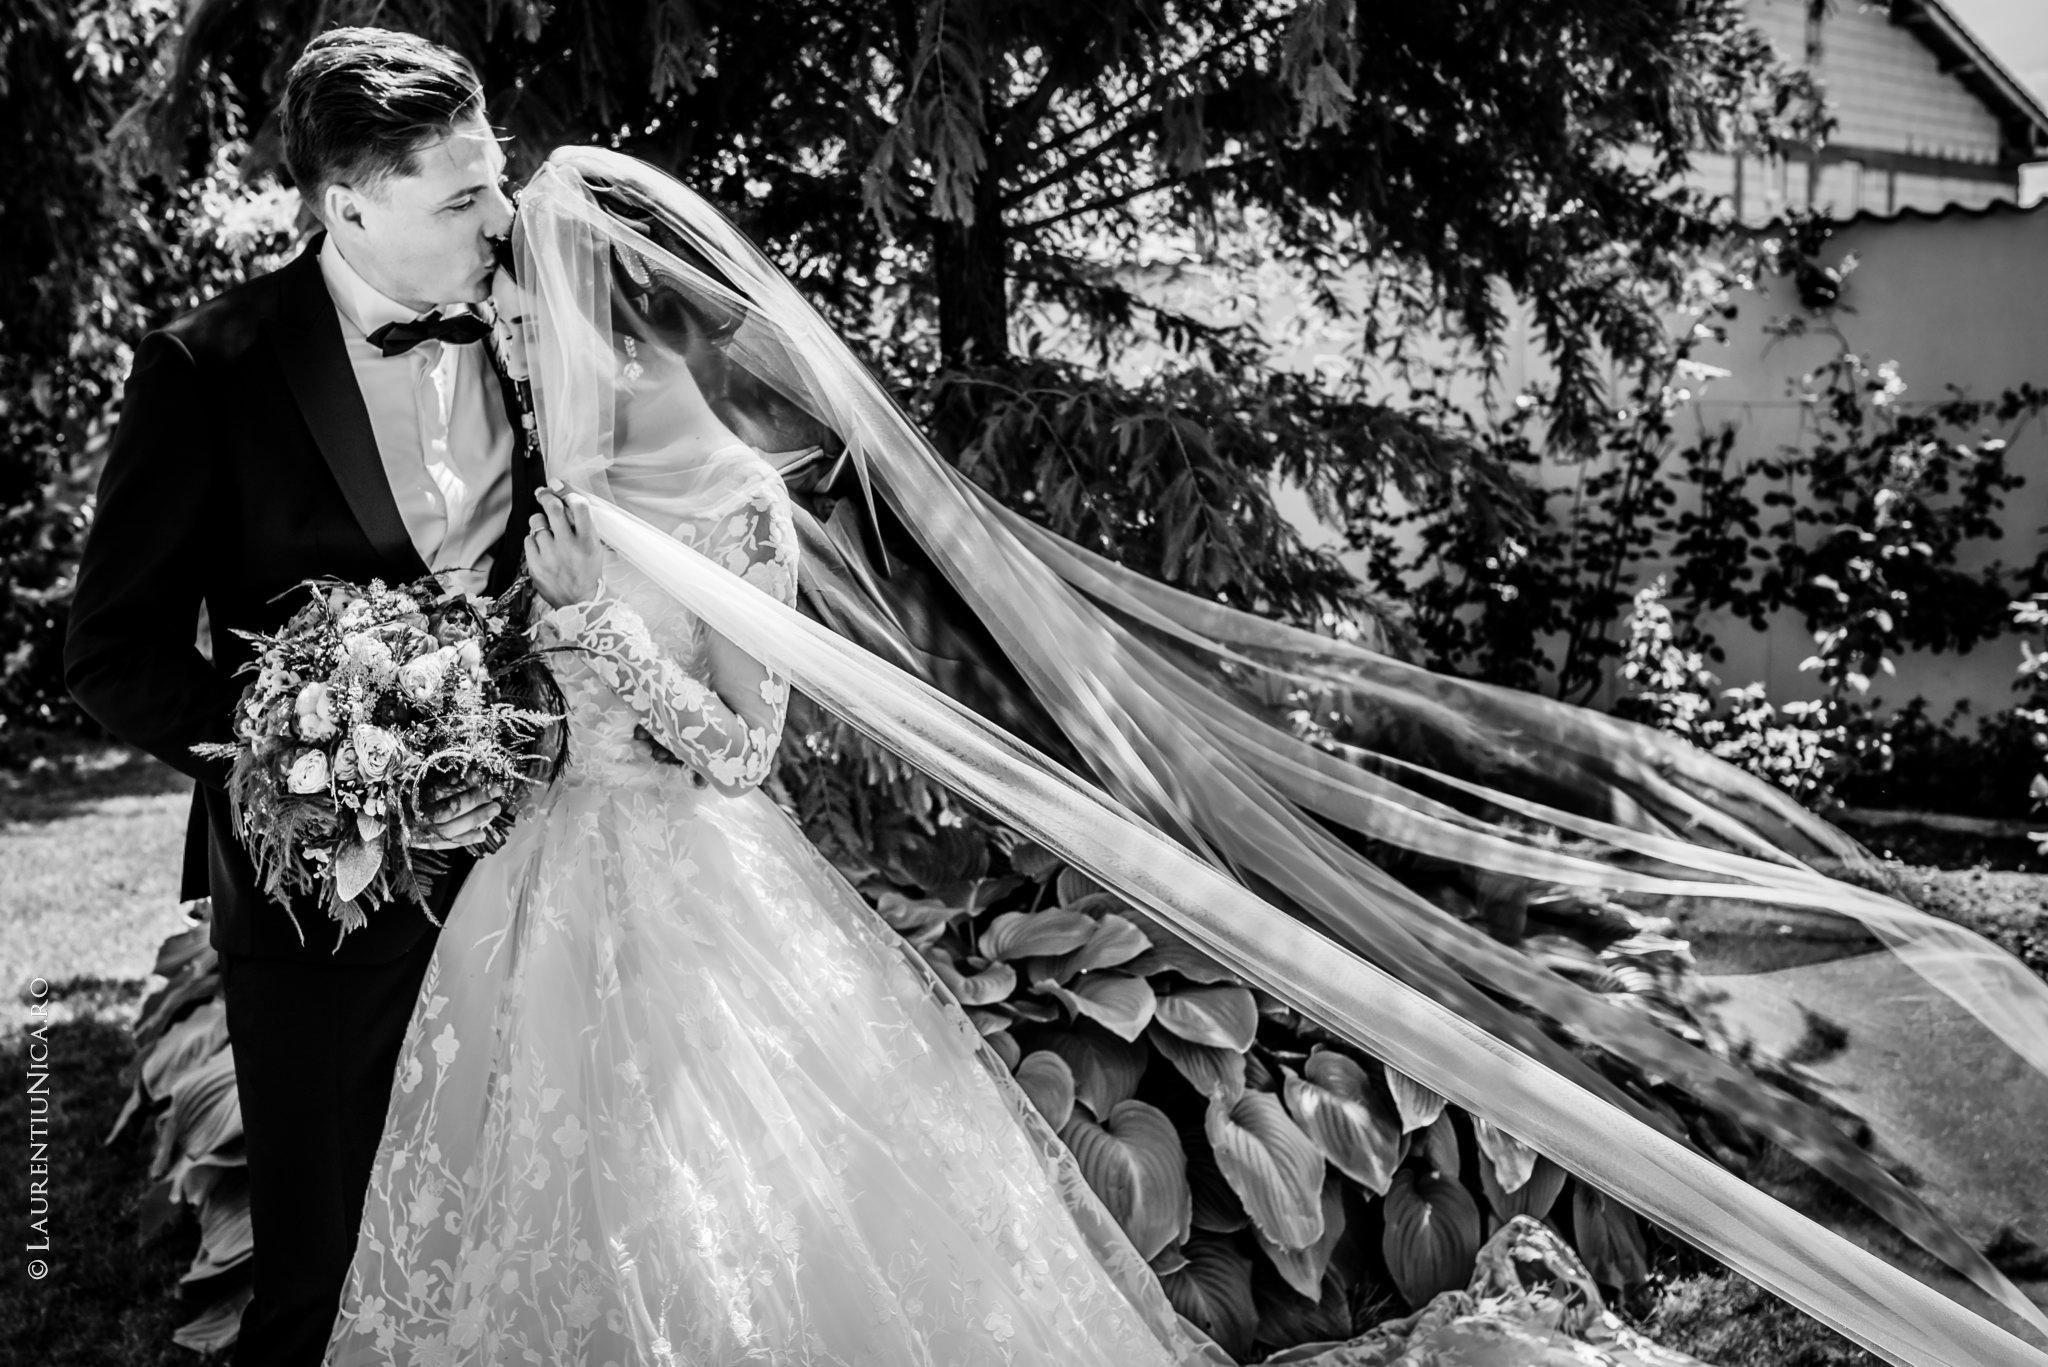 fotografii nunta denisa si florin craiova 19 - Denisa & Florin | Fotografii nunta | Craiova